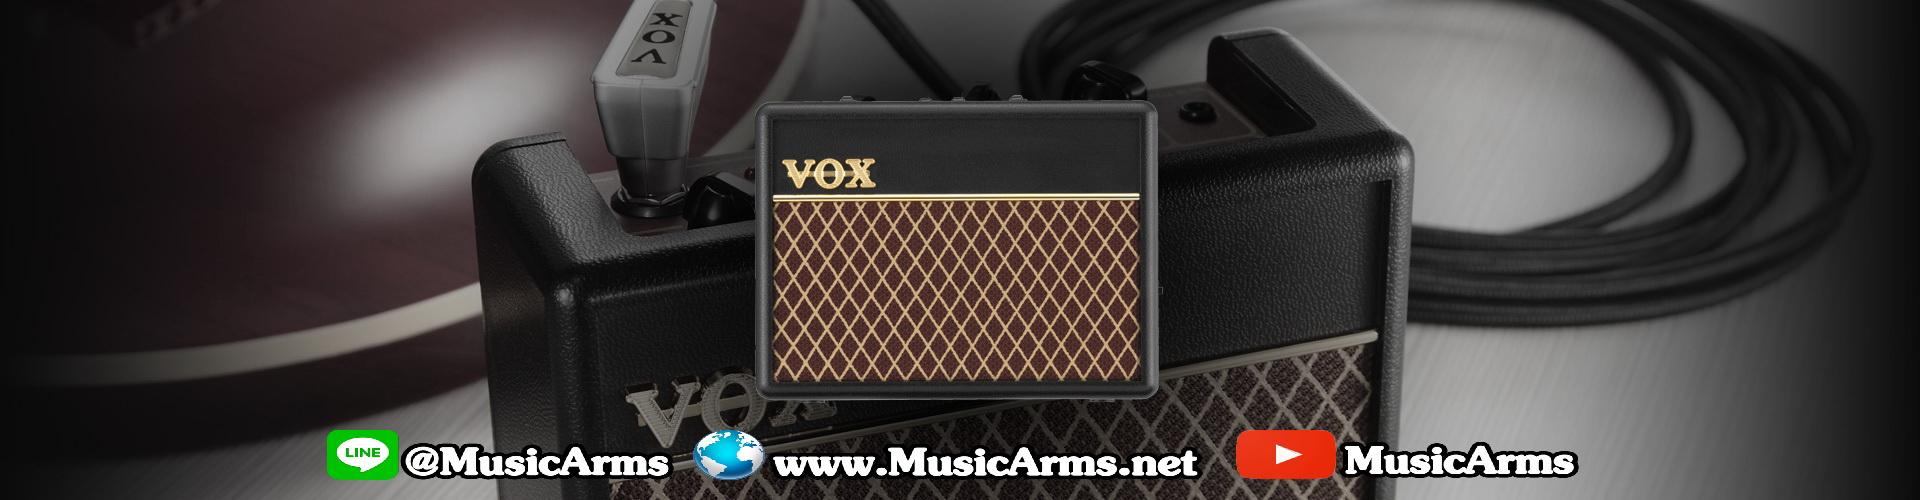 vox-ac-1-01